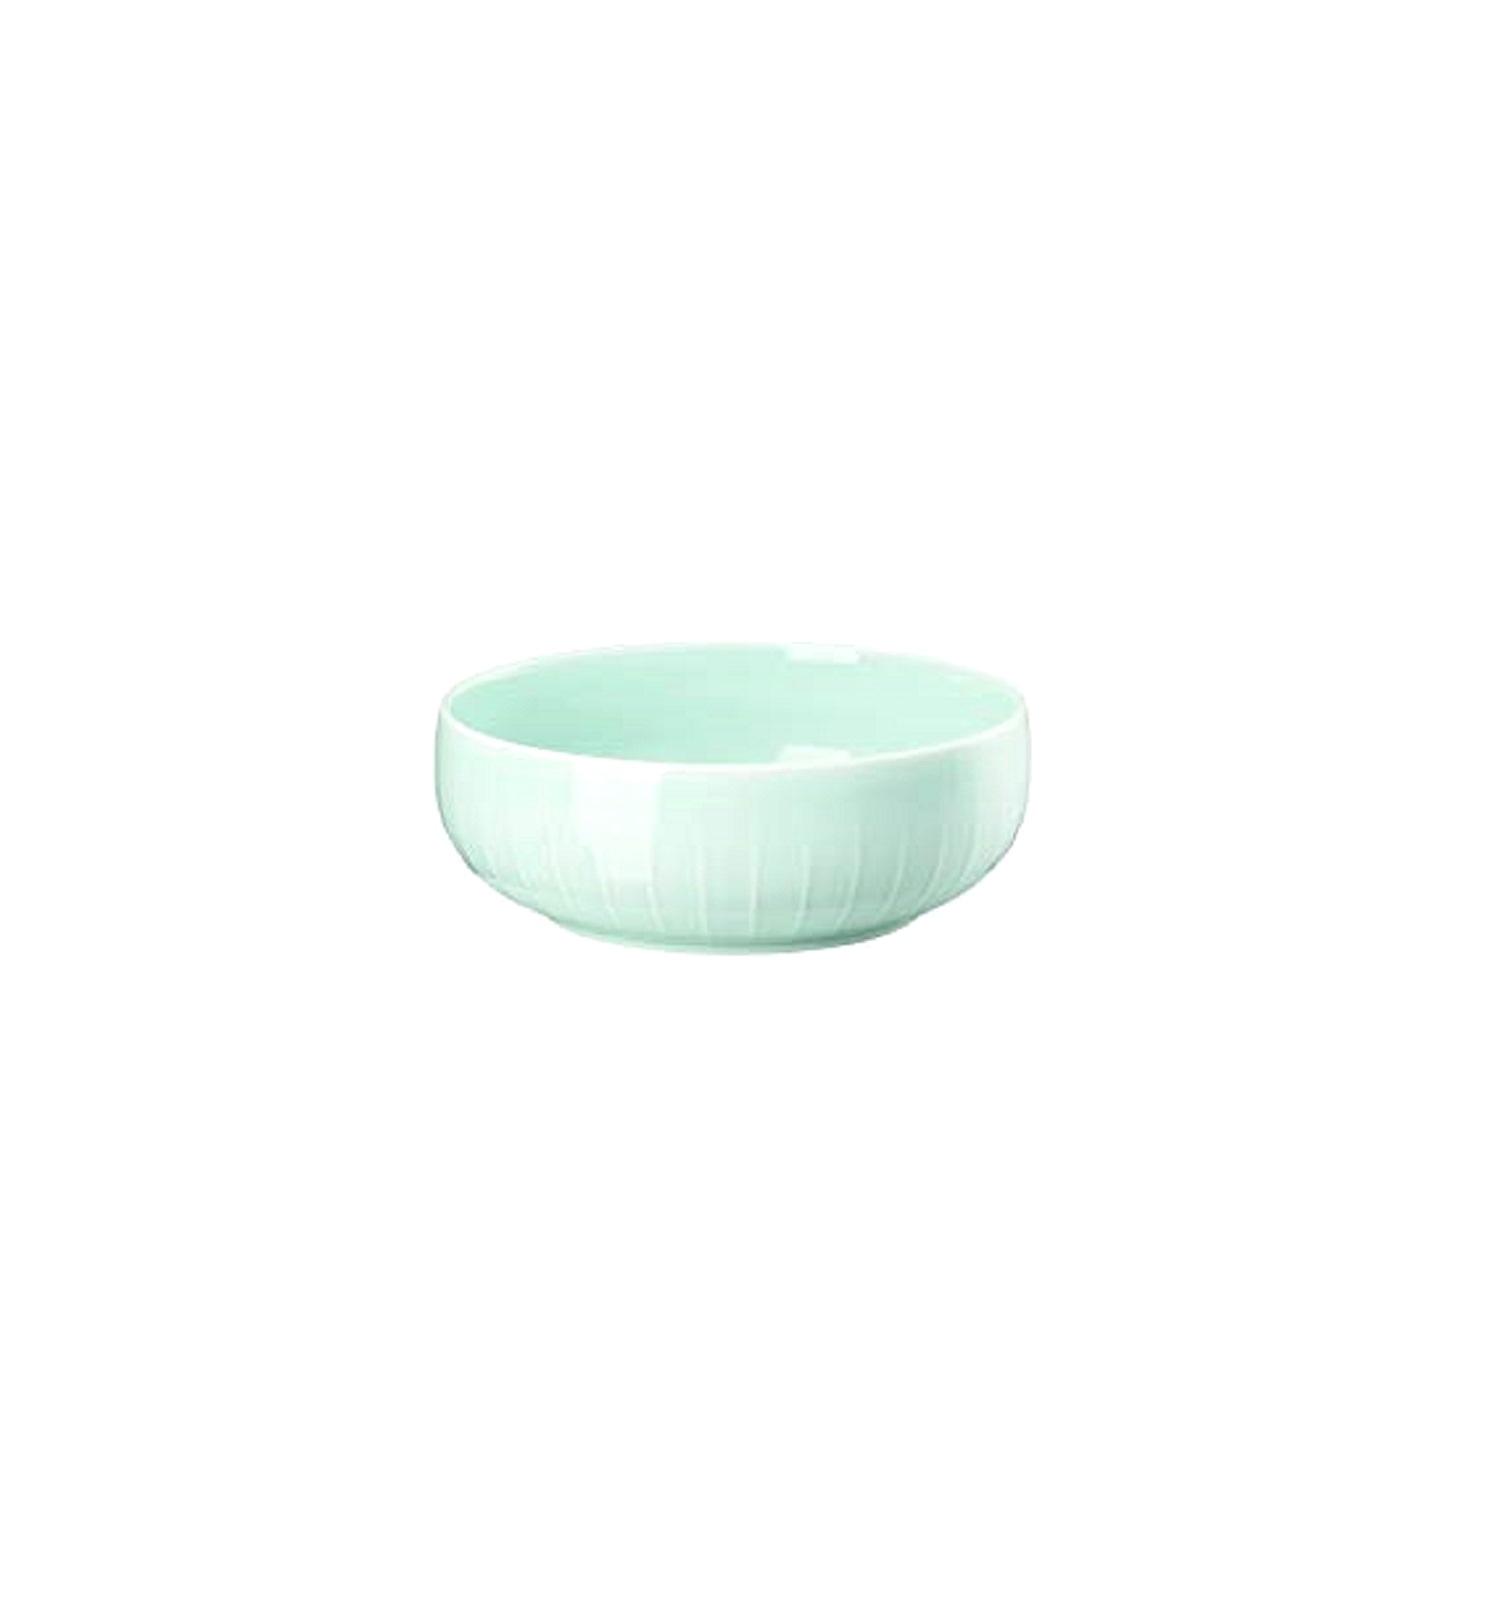 Набор посуды столовой Arzberg JOYN, ментоловый, 12 предметов Arzberg 44020-640206-28650 фото 2